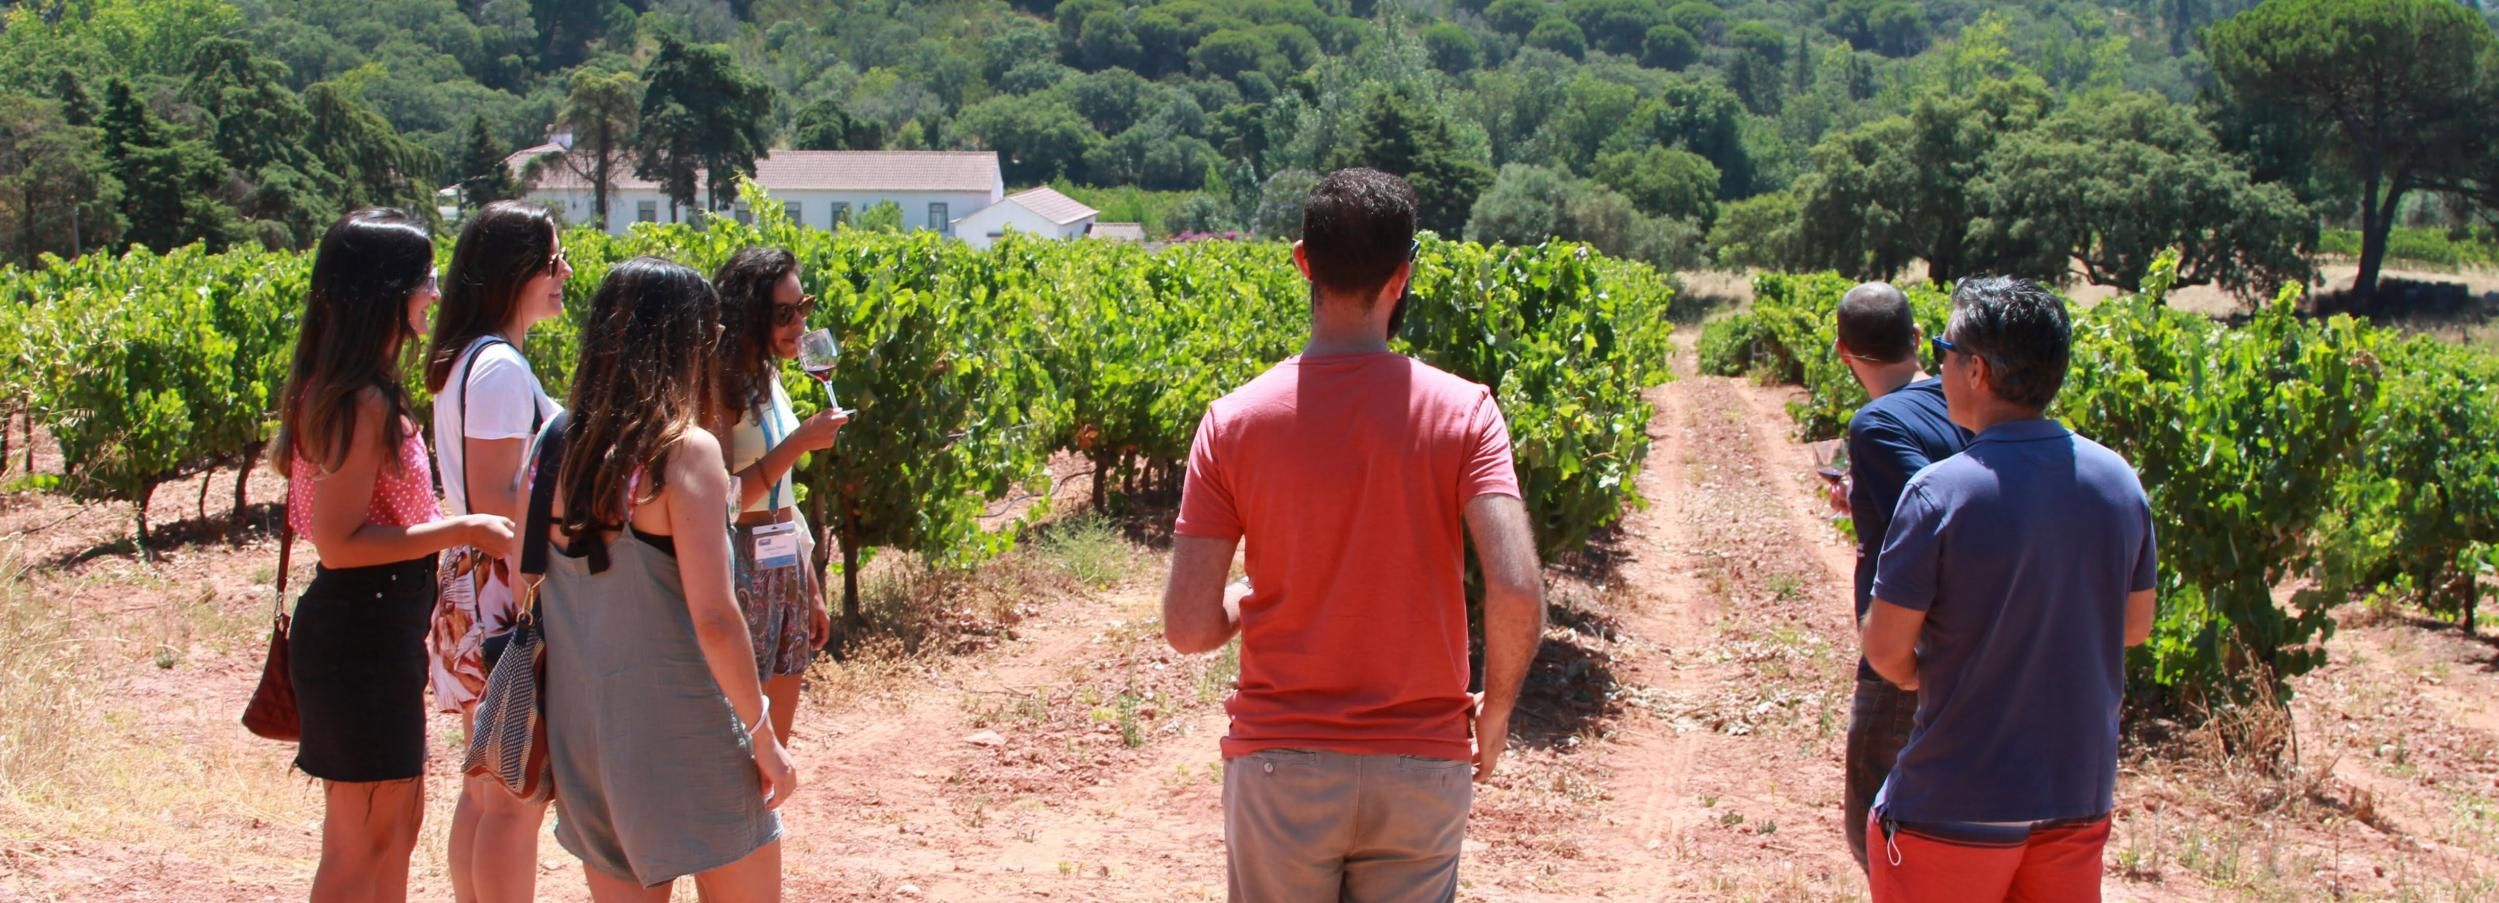 Excursão a Arrábida e Sesimbra com Degustação de Vinhos